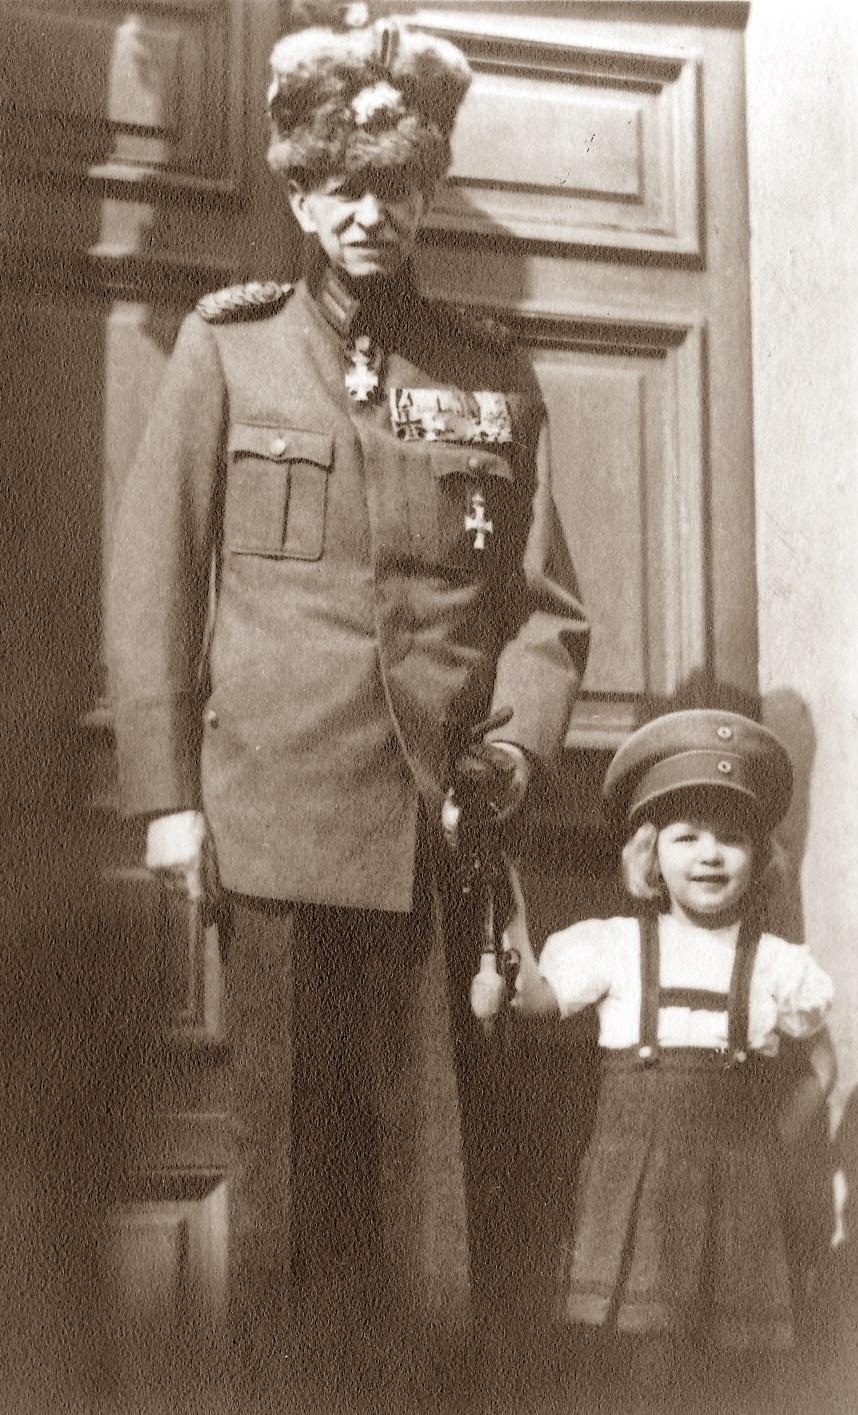 Figure 2: Prinz Heinrich Prinz von Schönburg-Waldenburg wearing his medal bar